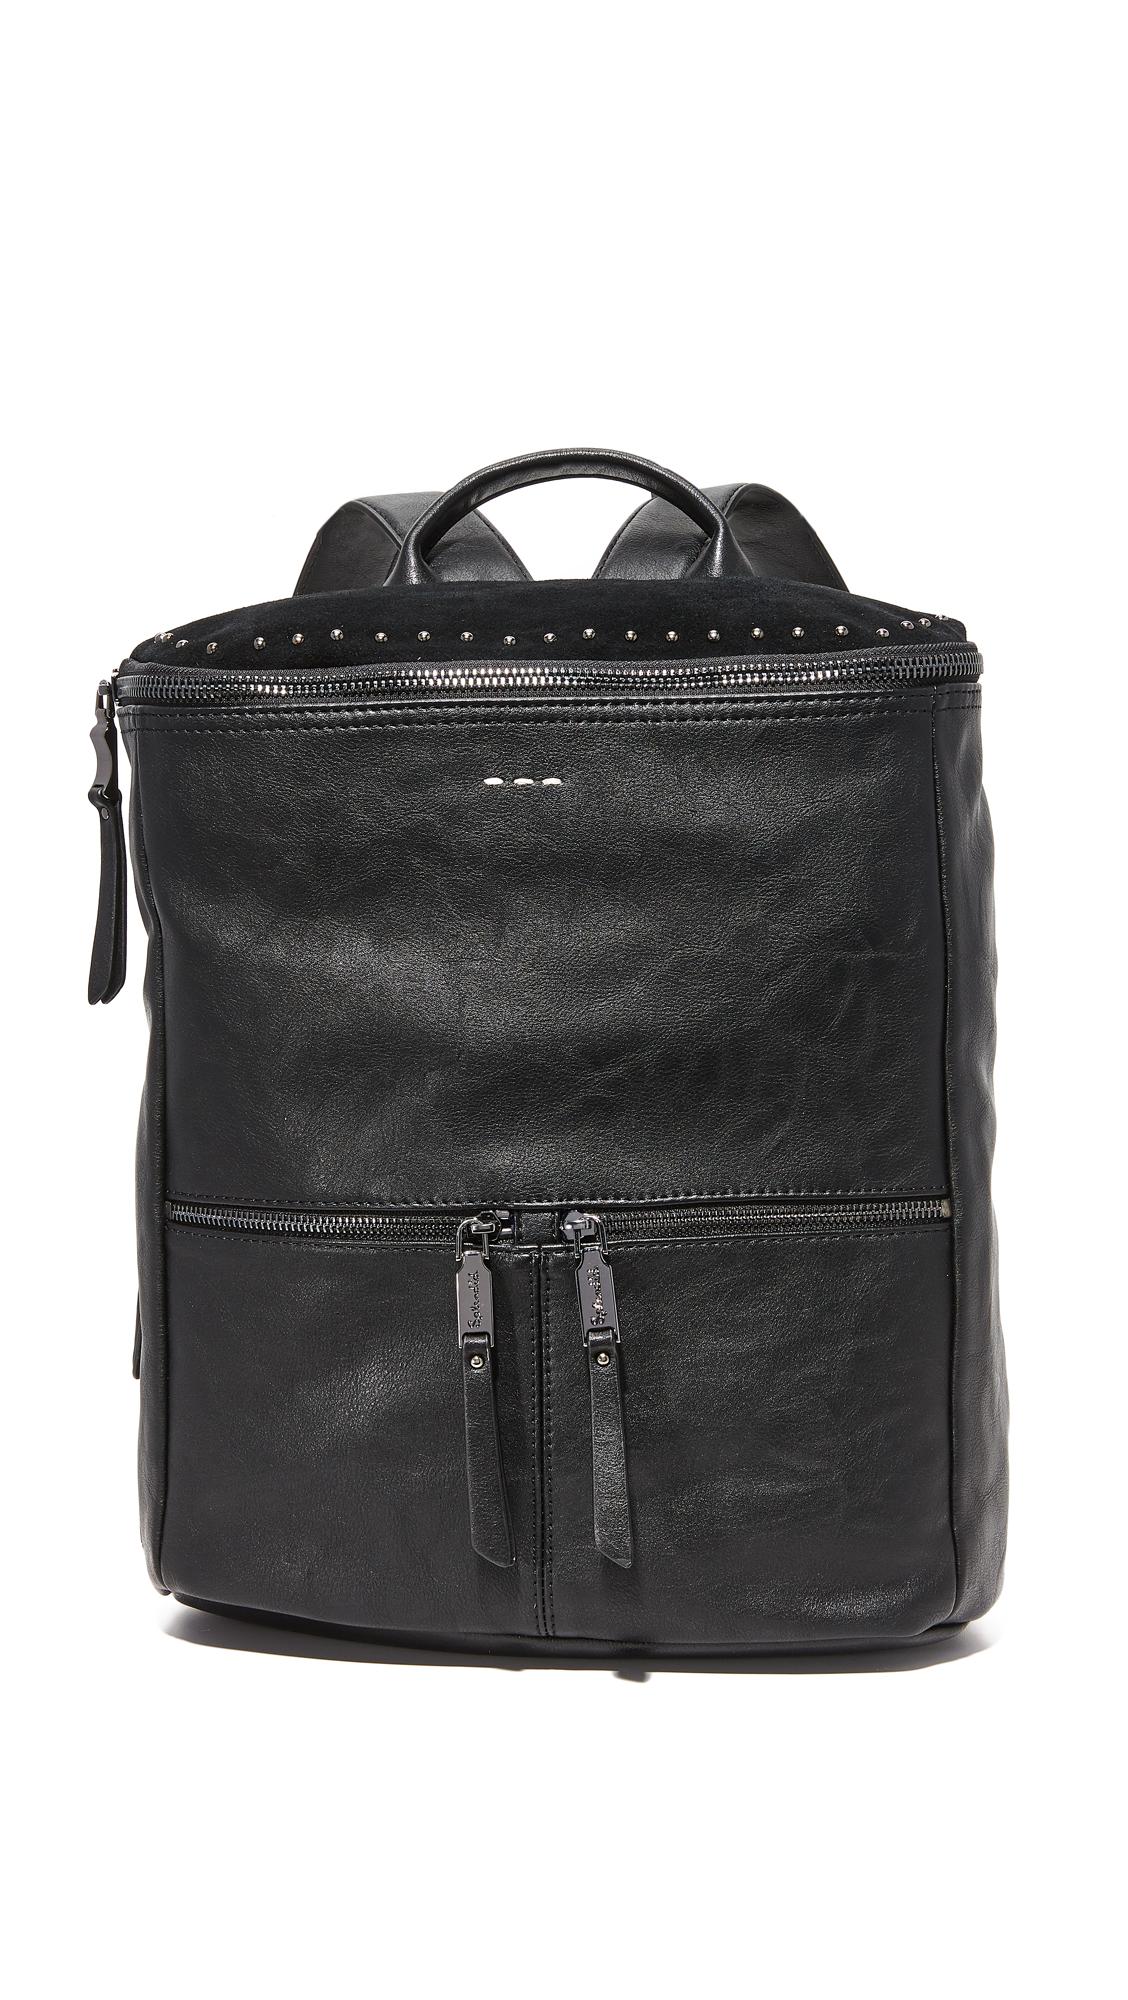 Splendid Ashton Backpack - Black